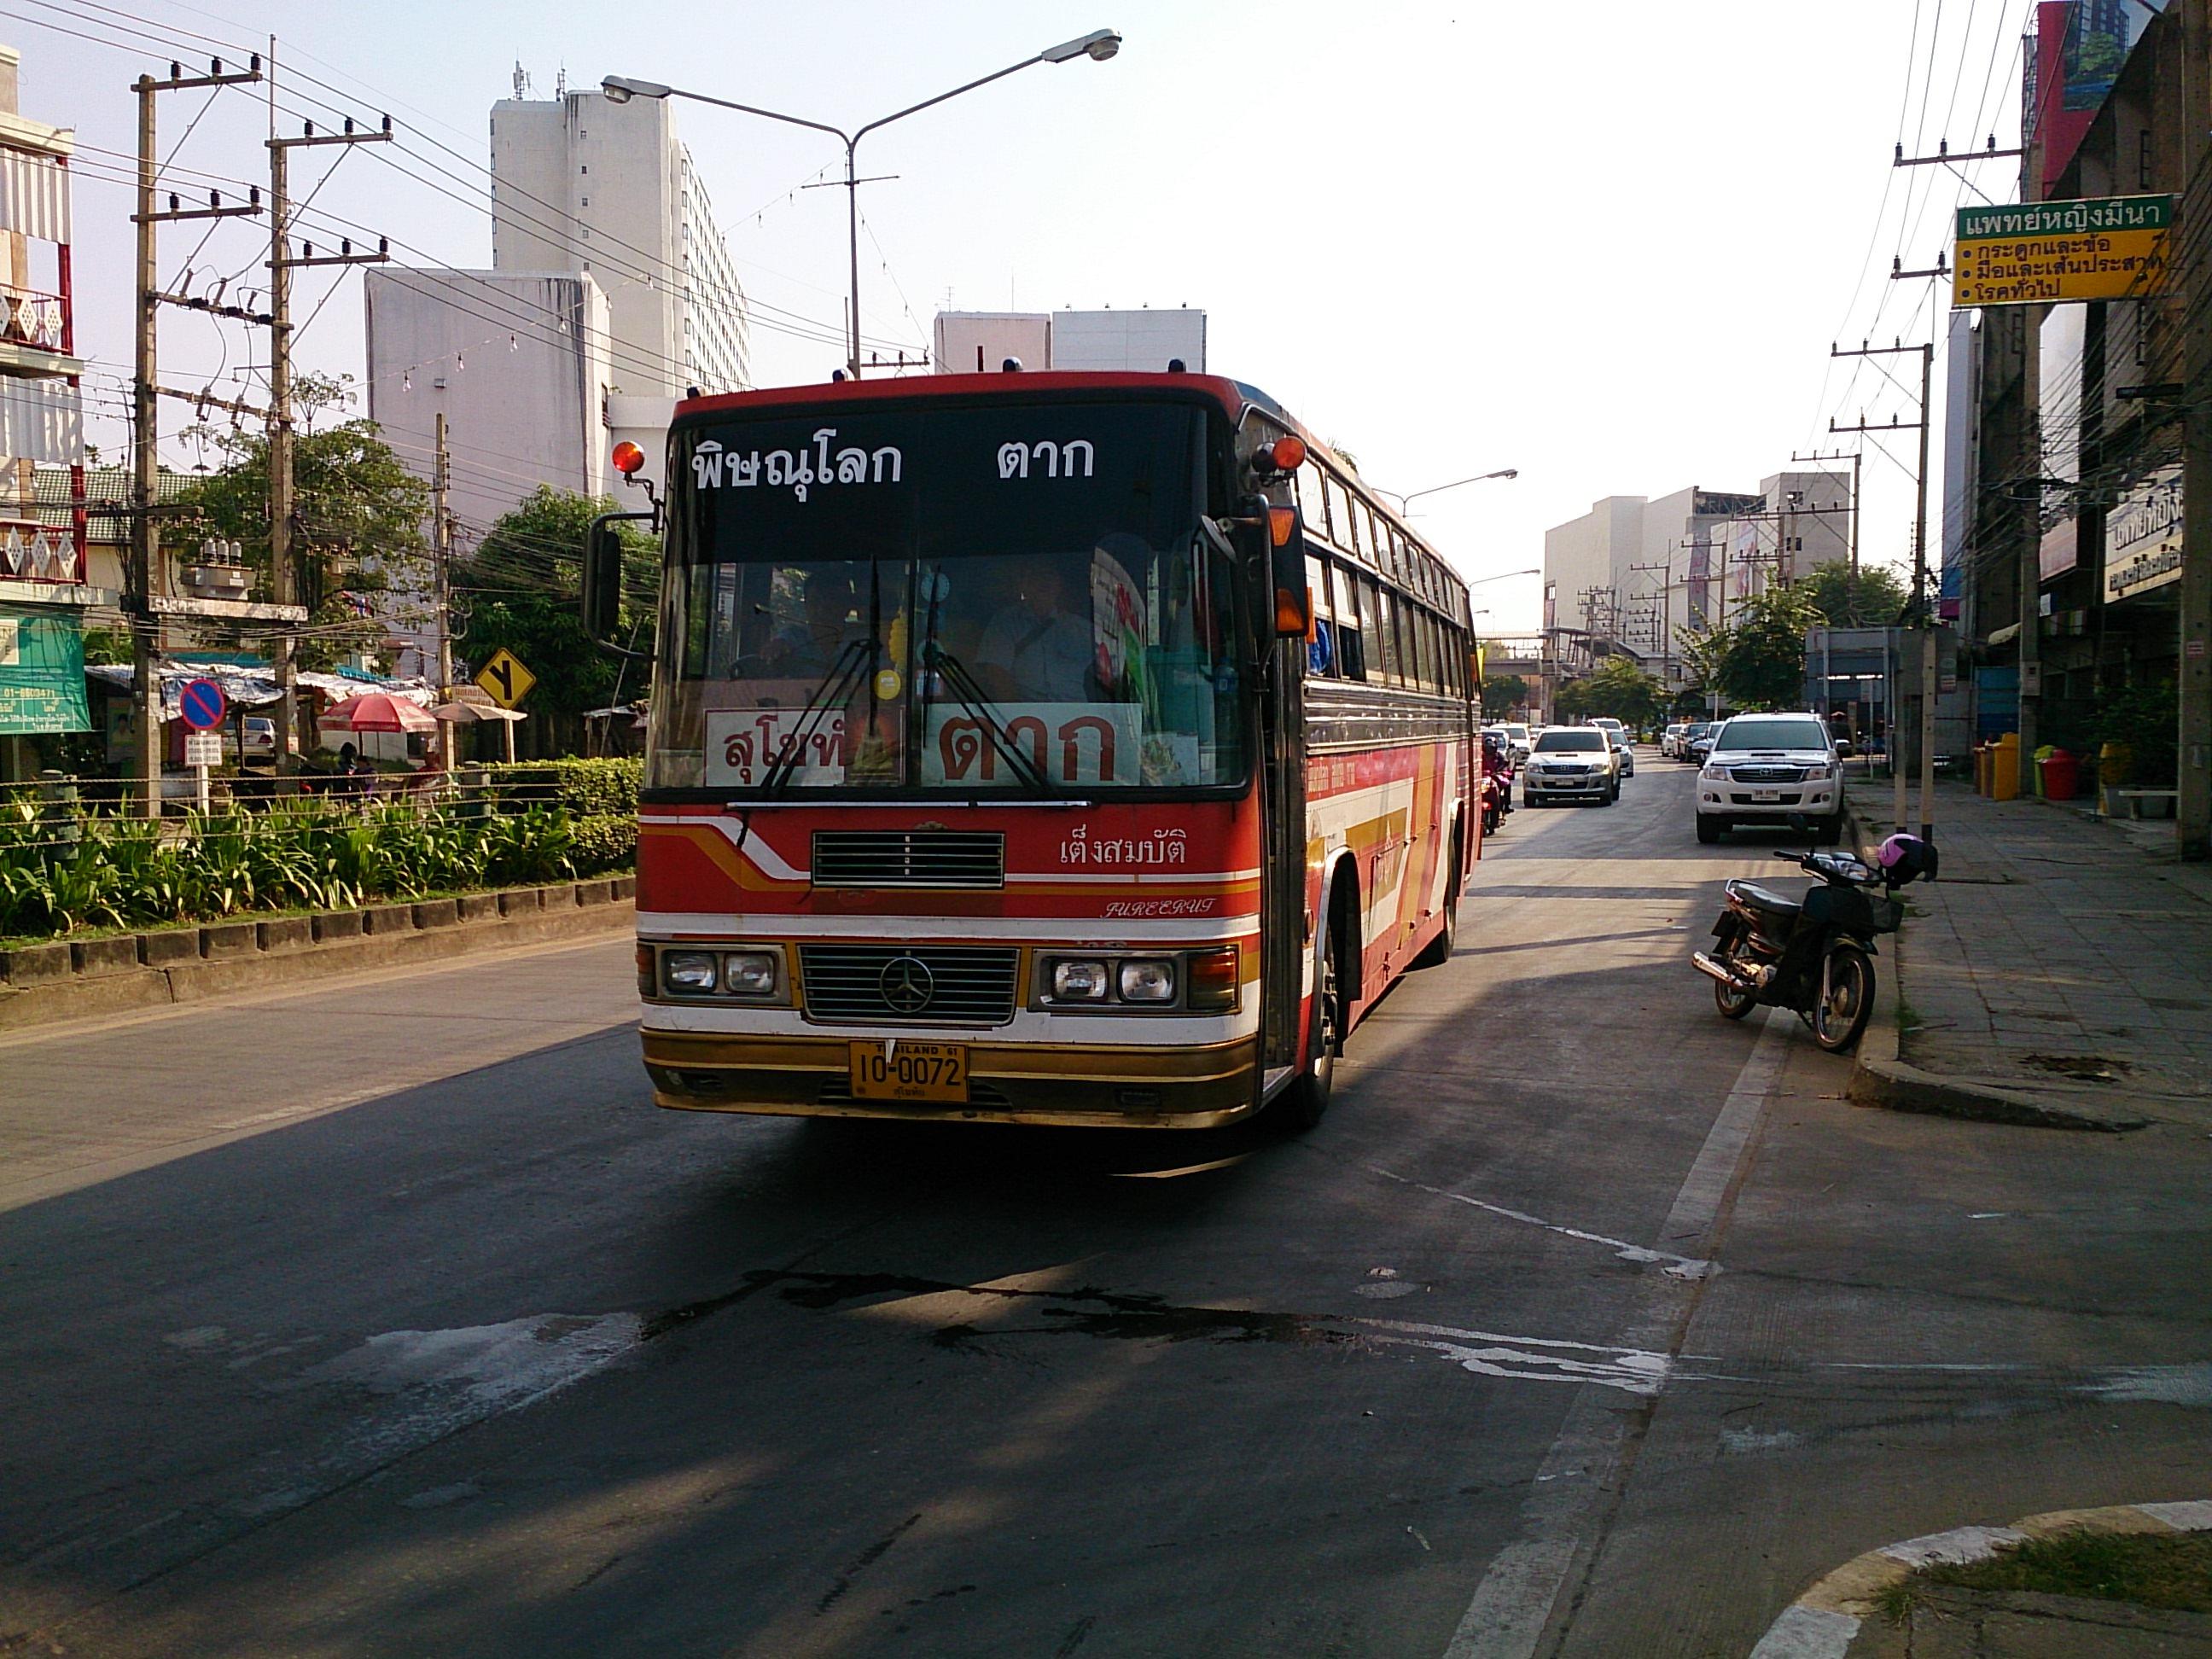 ピサヌロークからバスでスコータイへ